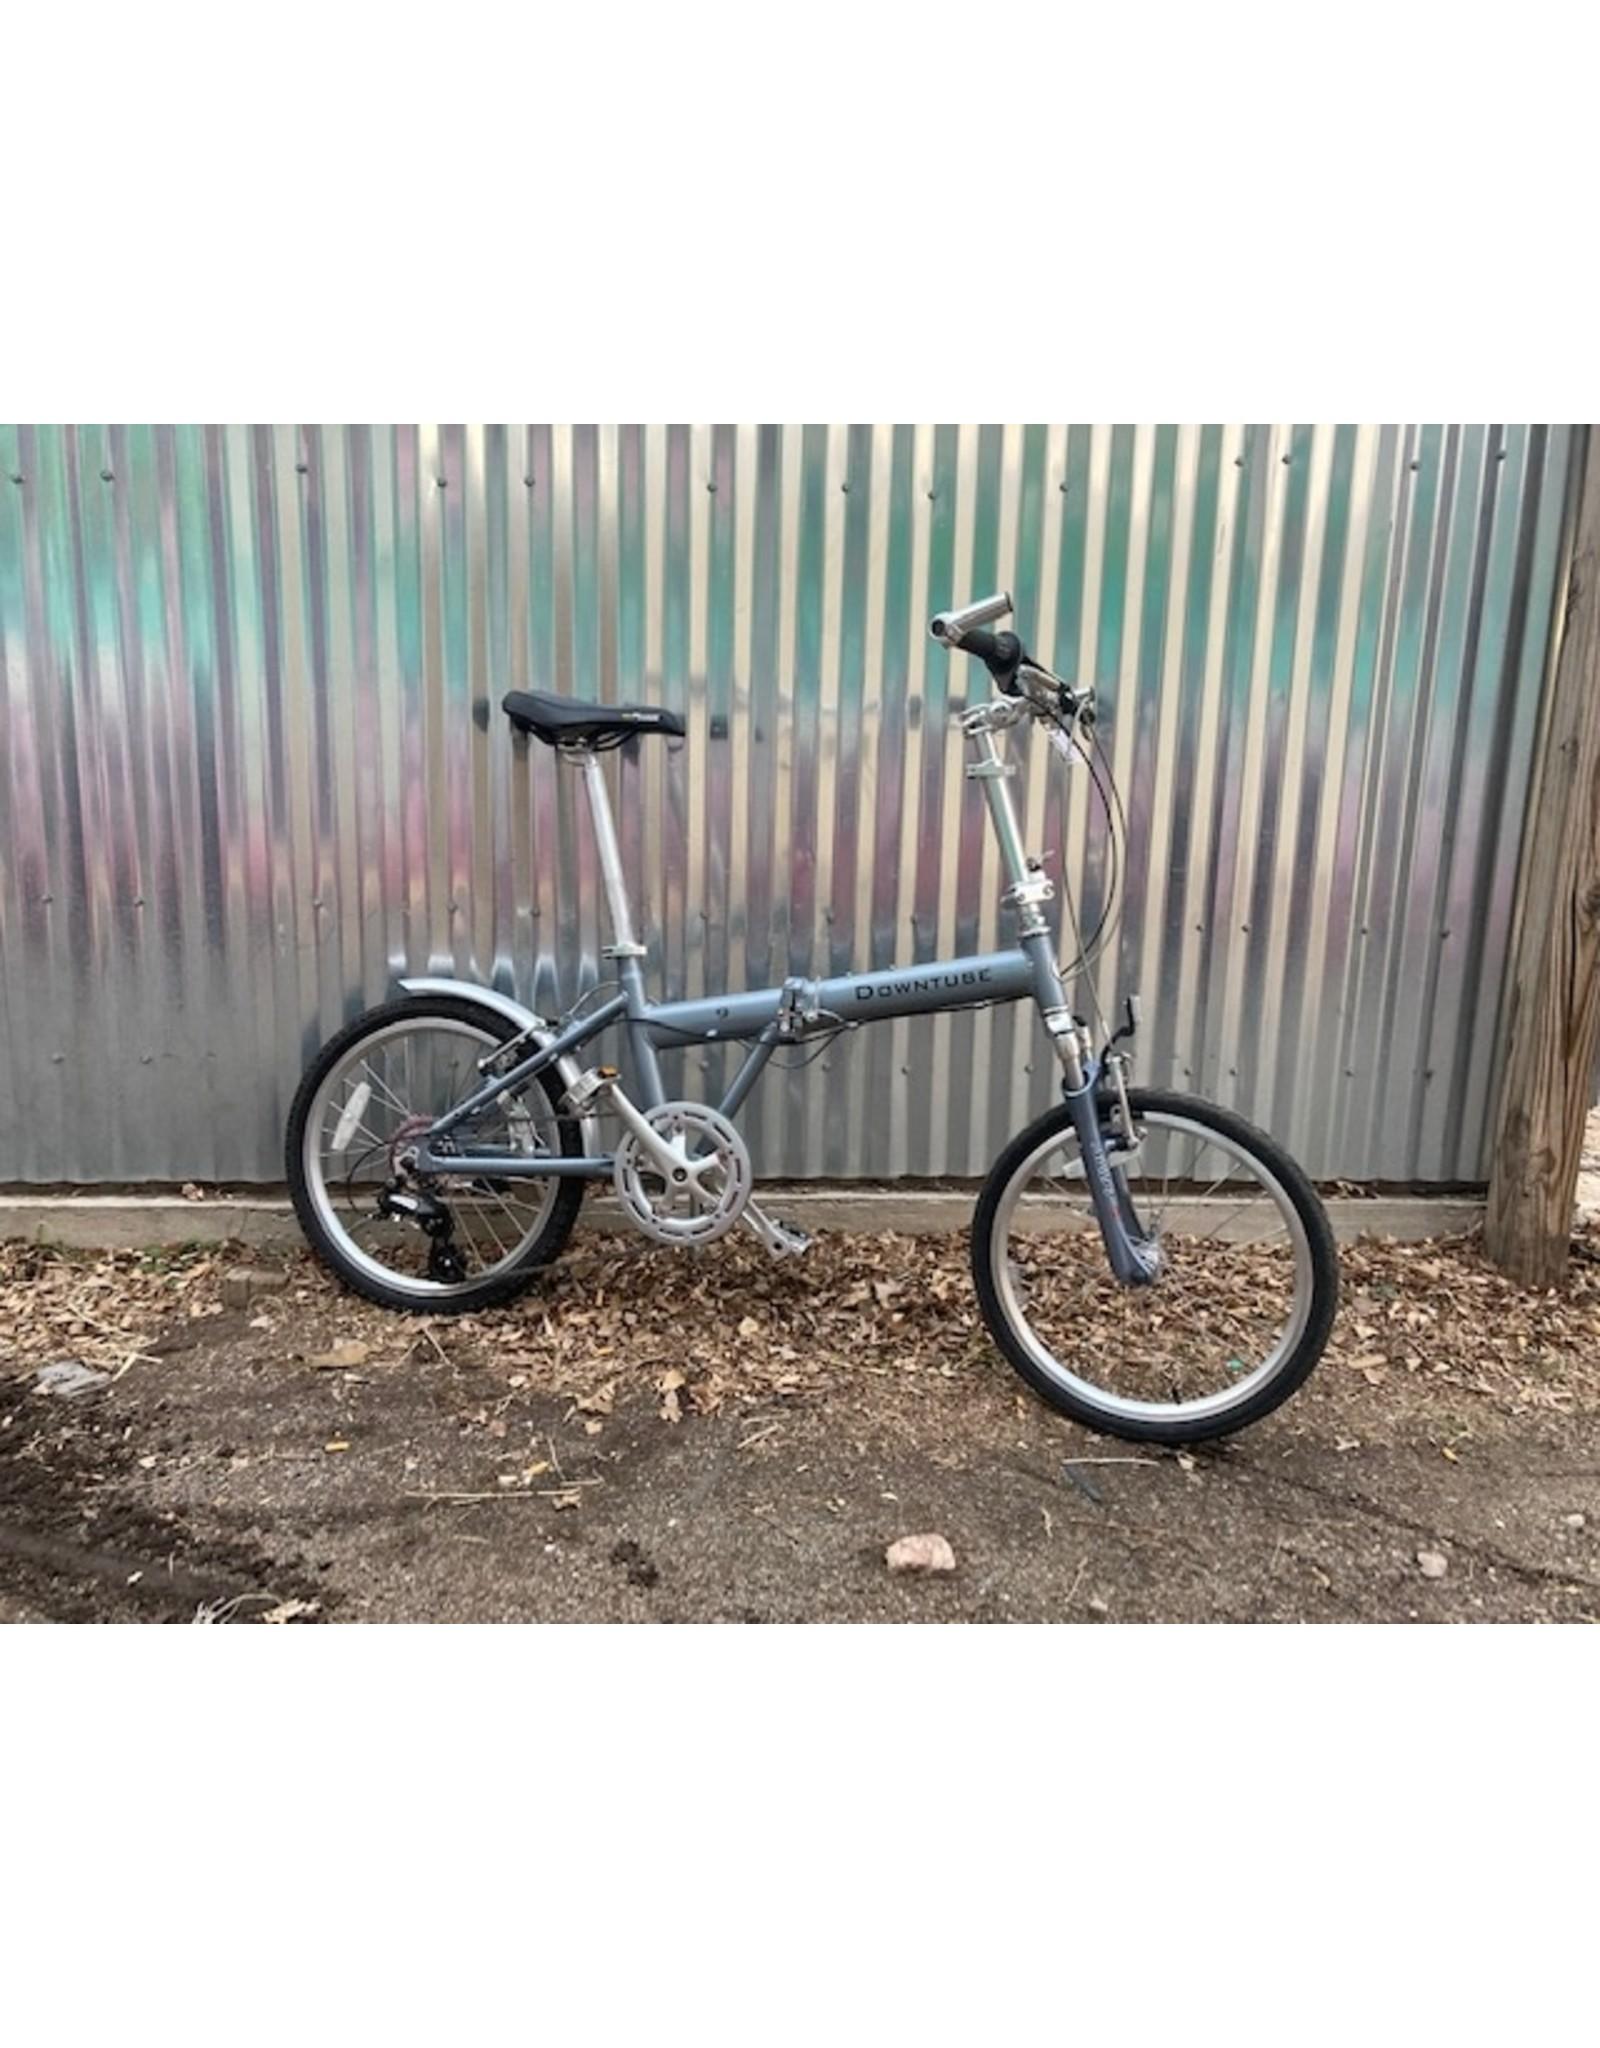 Used Bikes Used Bike 536 - Downtube folding bike